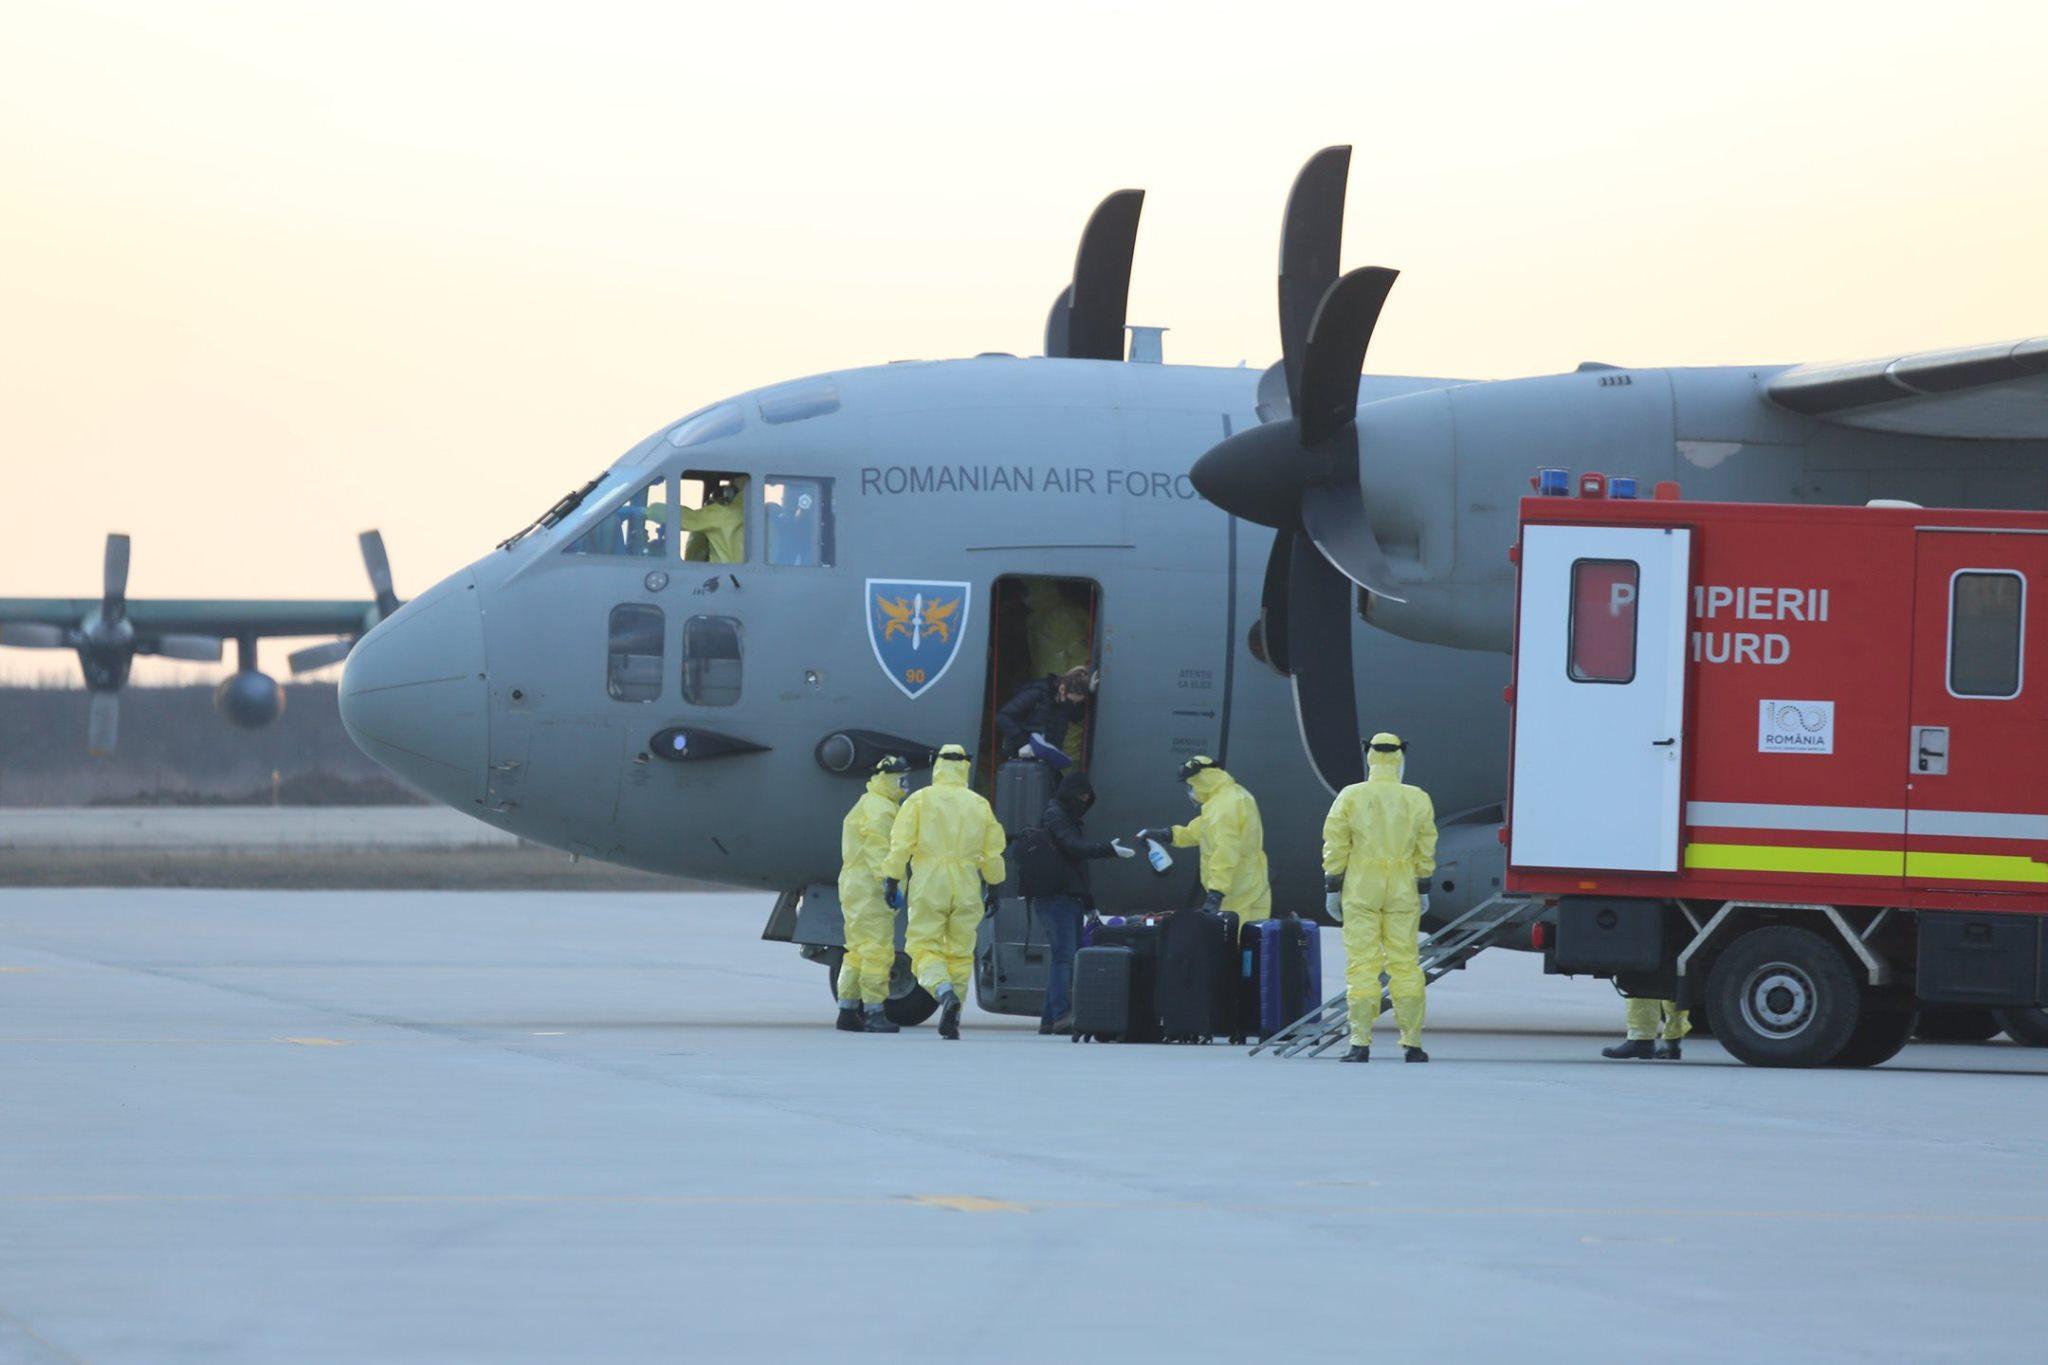 Alertă națională! Coronavirusul va intra și în România! Se cere închiderea traficului aerian dinspre Italia